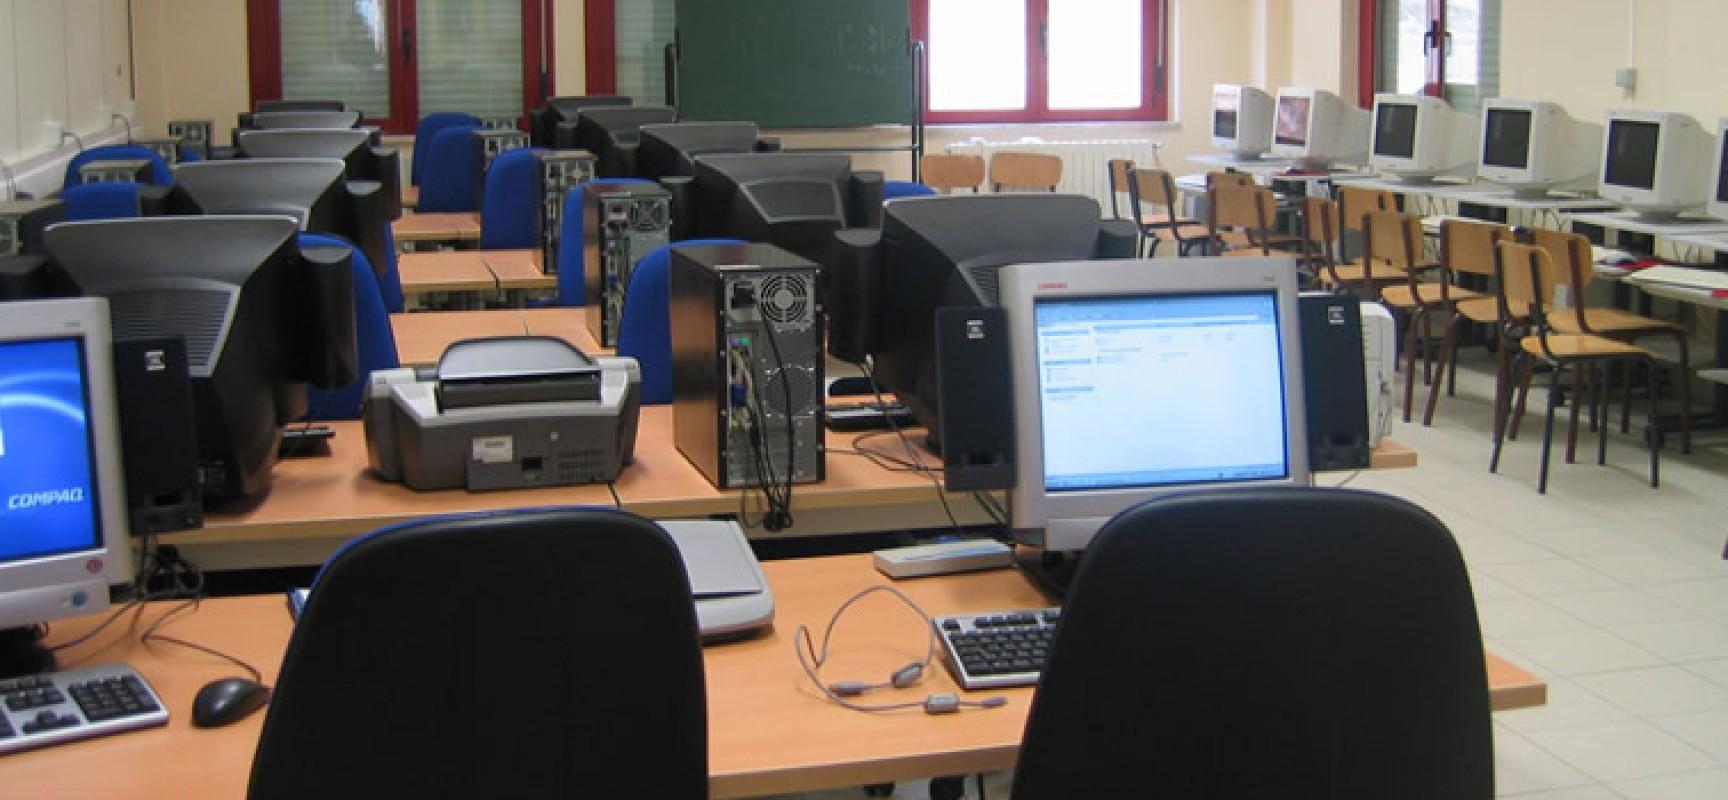 Enap Puglia, corso formativo retribuito rivolto a 15 disoccupati over 45